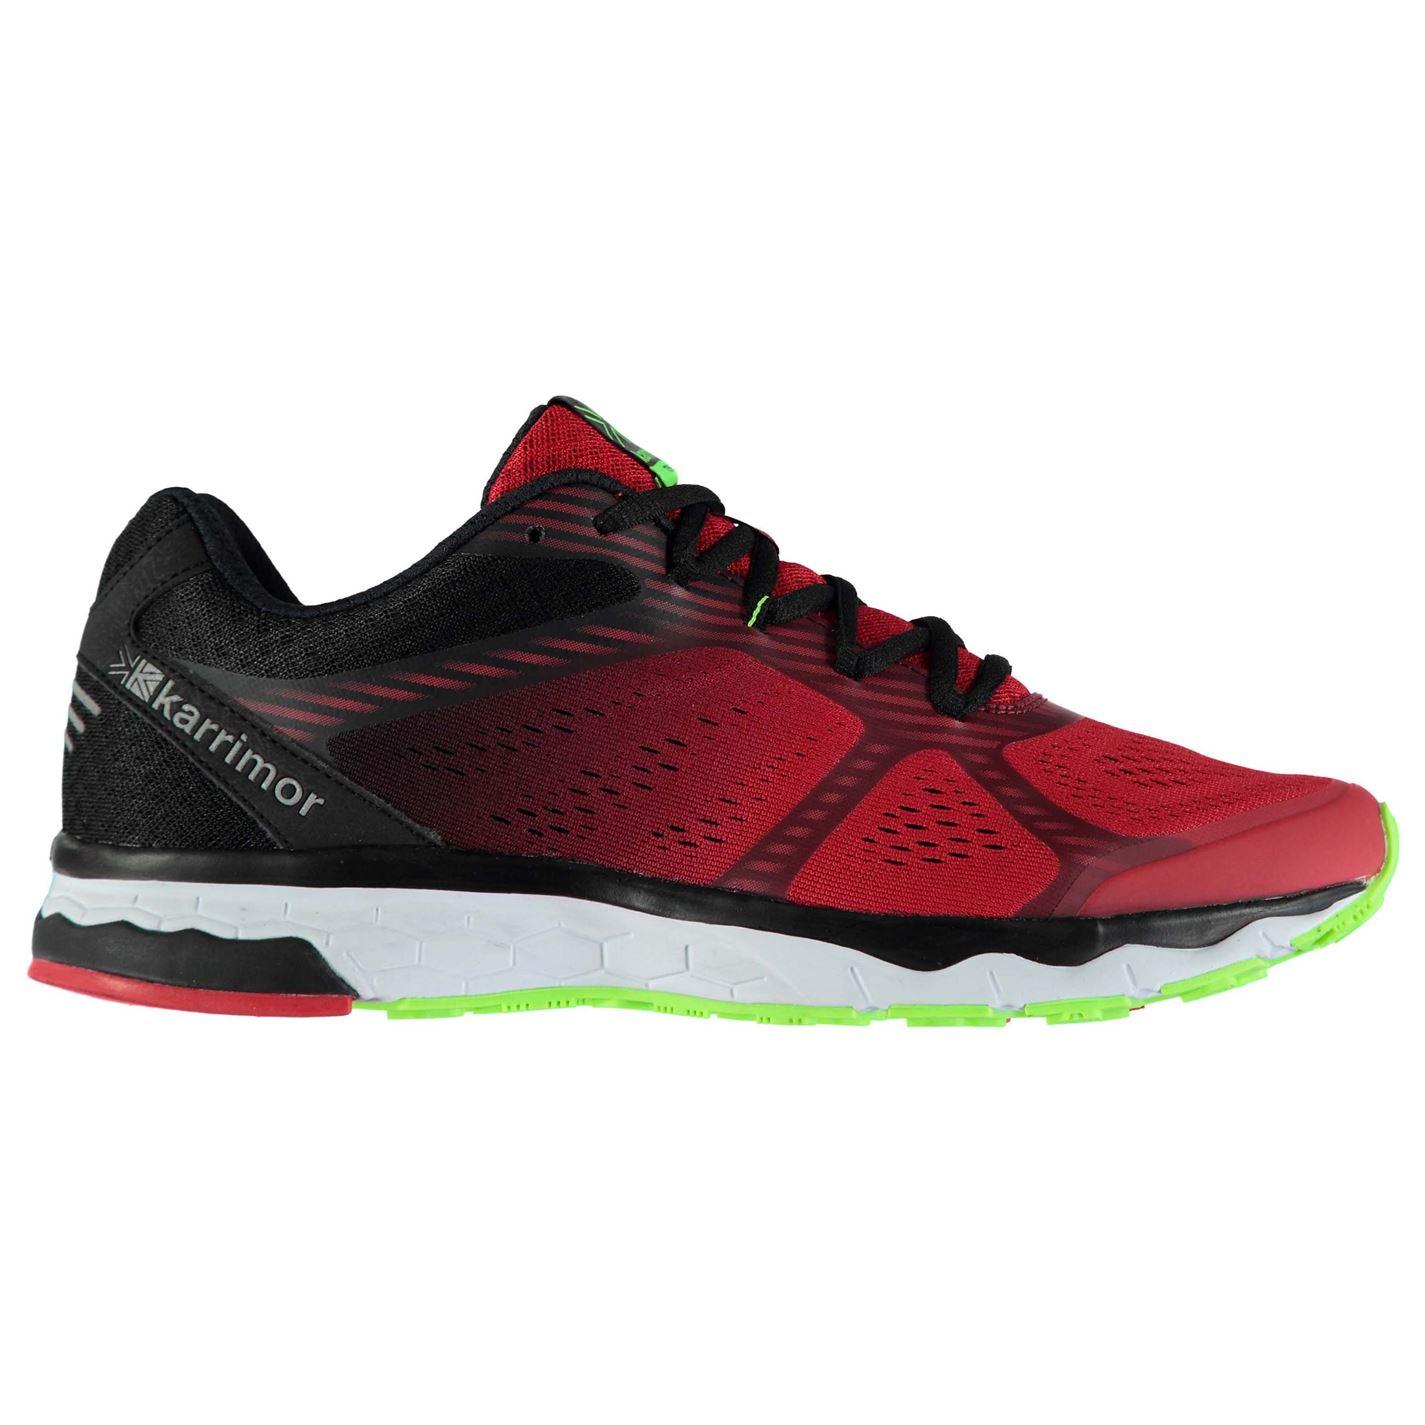 Karrimor Tempo 5 pánske bežecké topánky